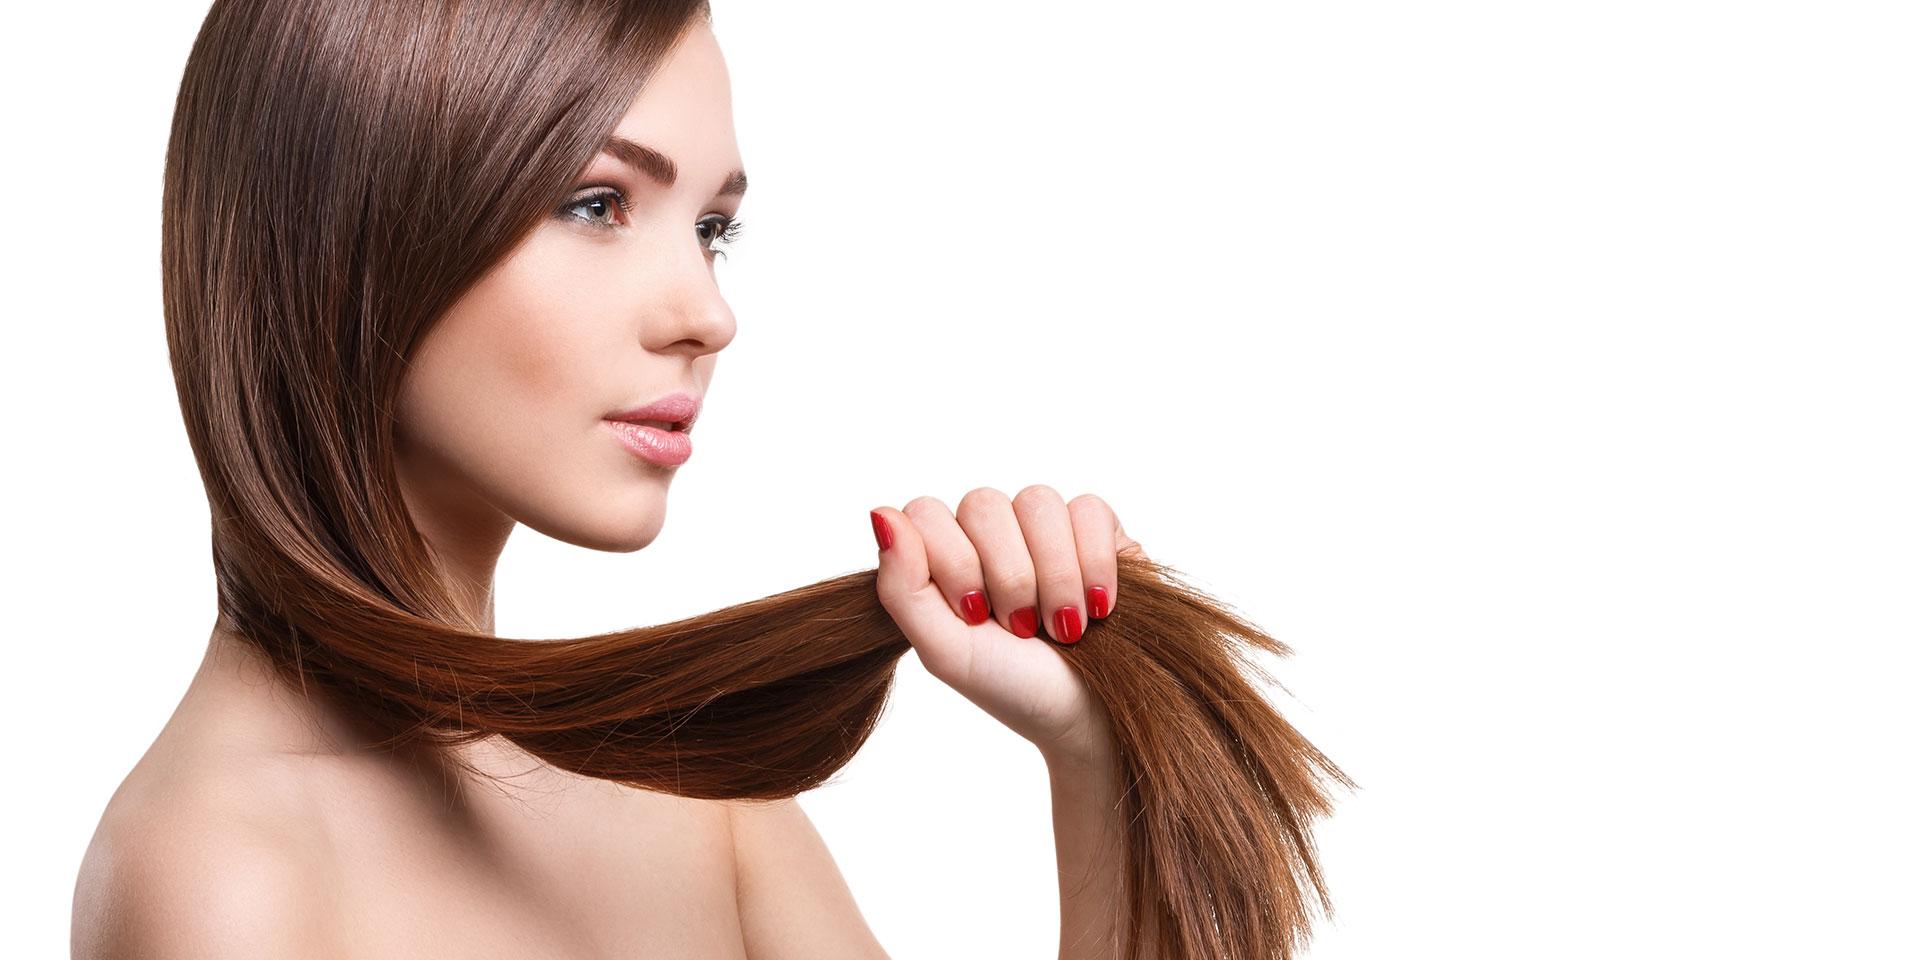 Уход за волосами: нюансы профессиональной косметики